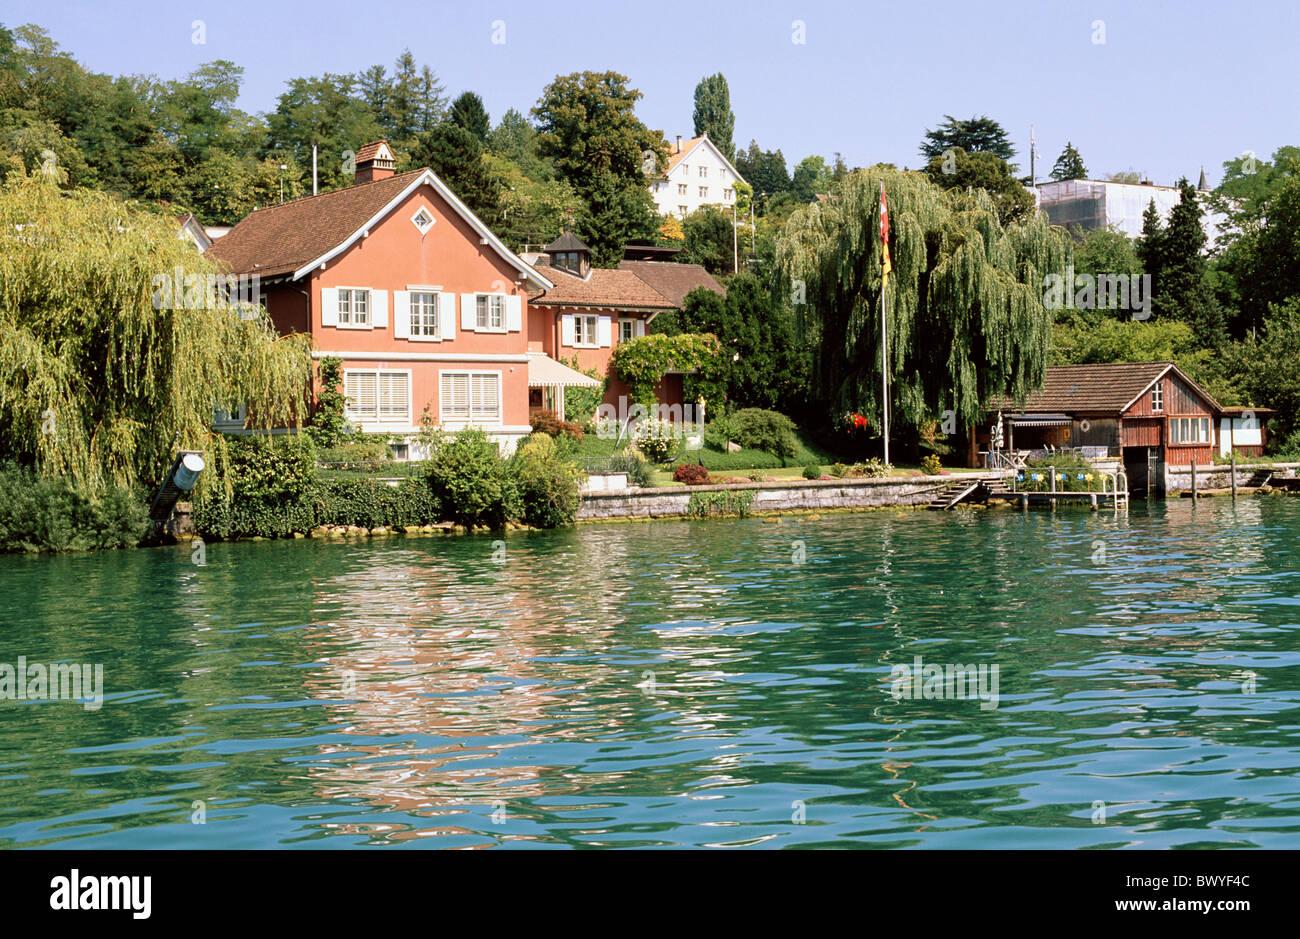 image gallery meilen switzerland